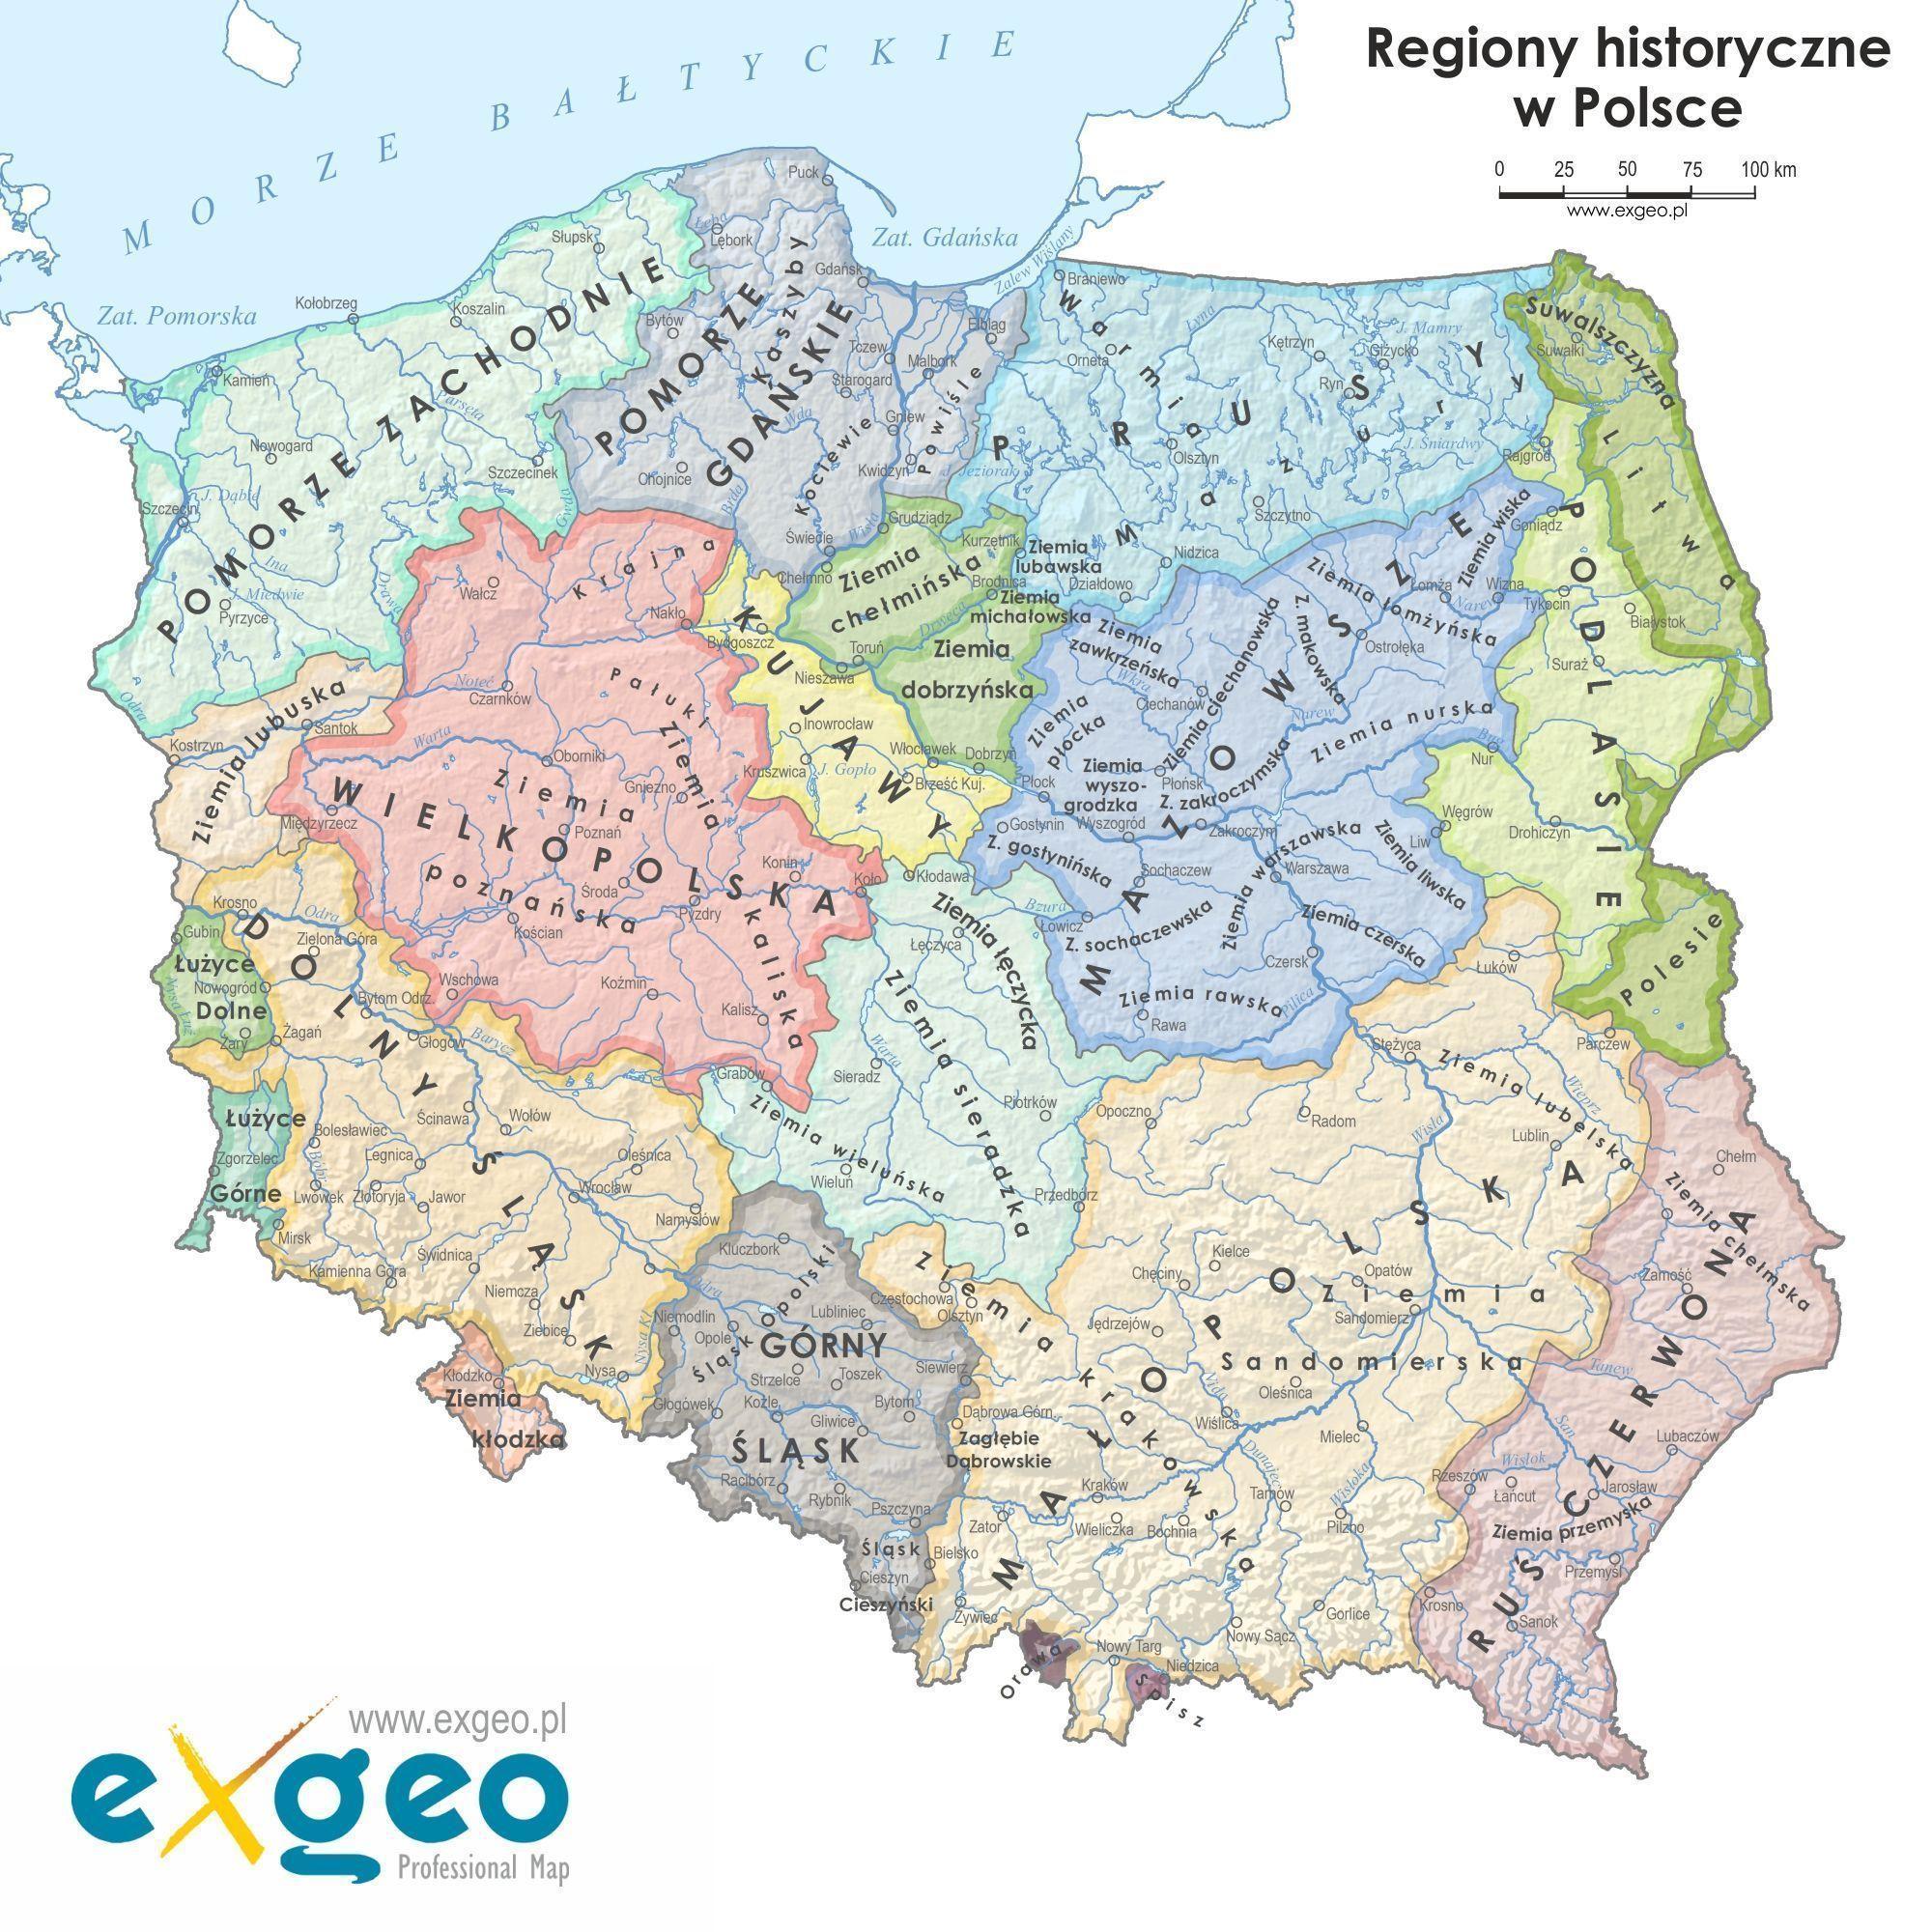 Krainy Historyczne W Polsce 10 Faktów Które Warto Poznać Mapy